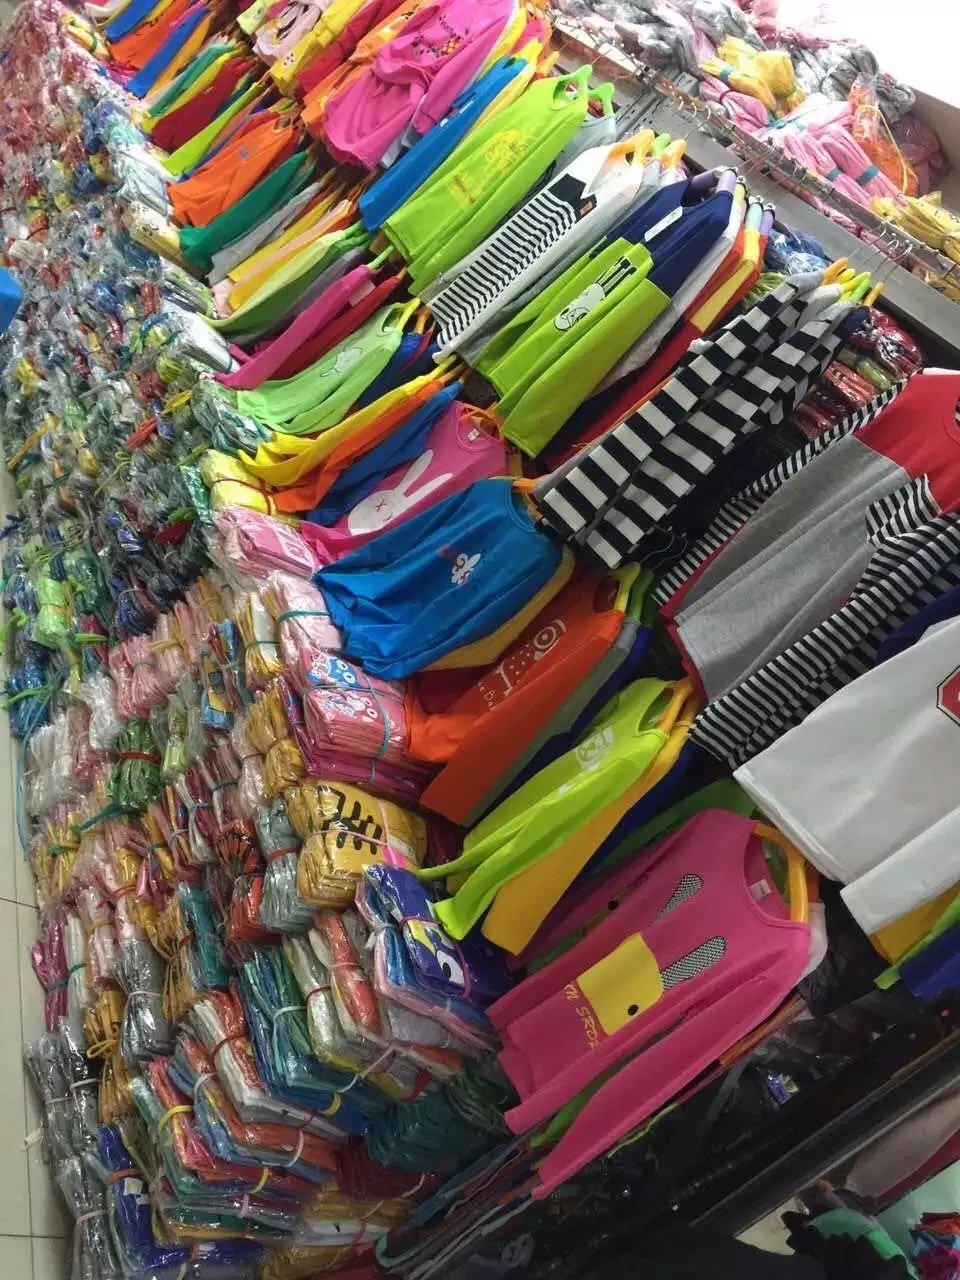 常年供应5元以下多种服装,外贸便宜尾货批发,长期供货